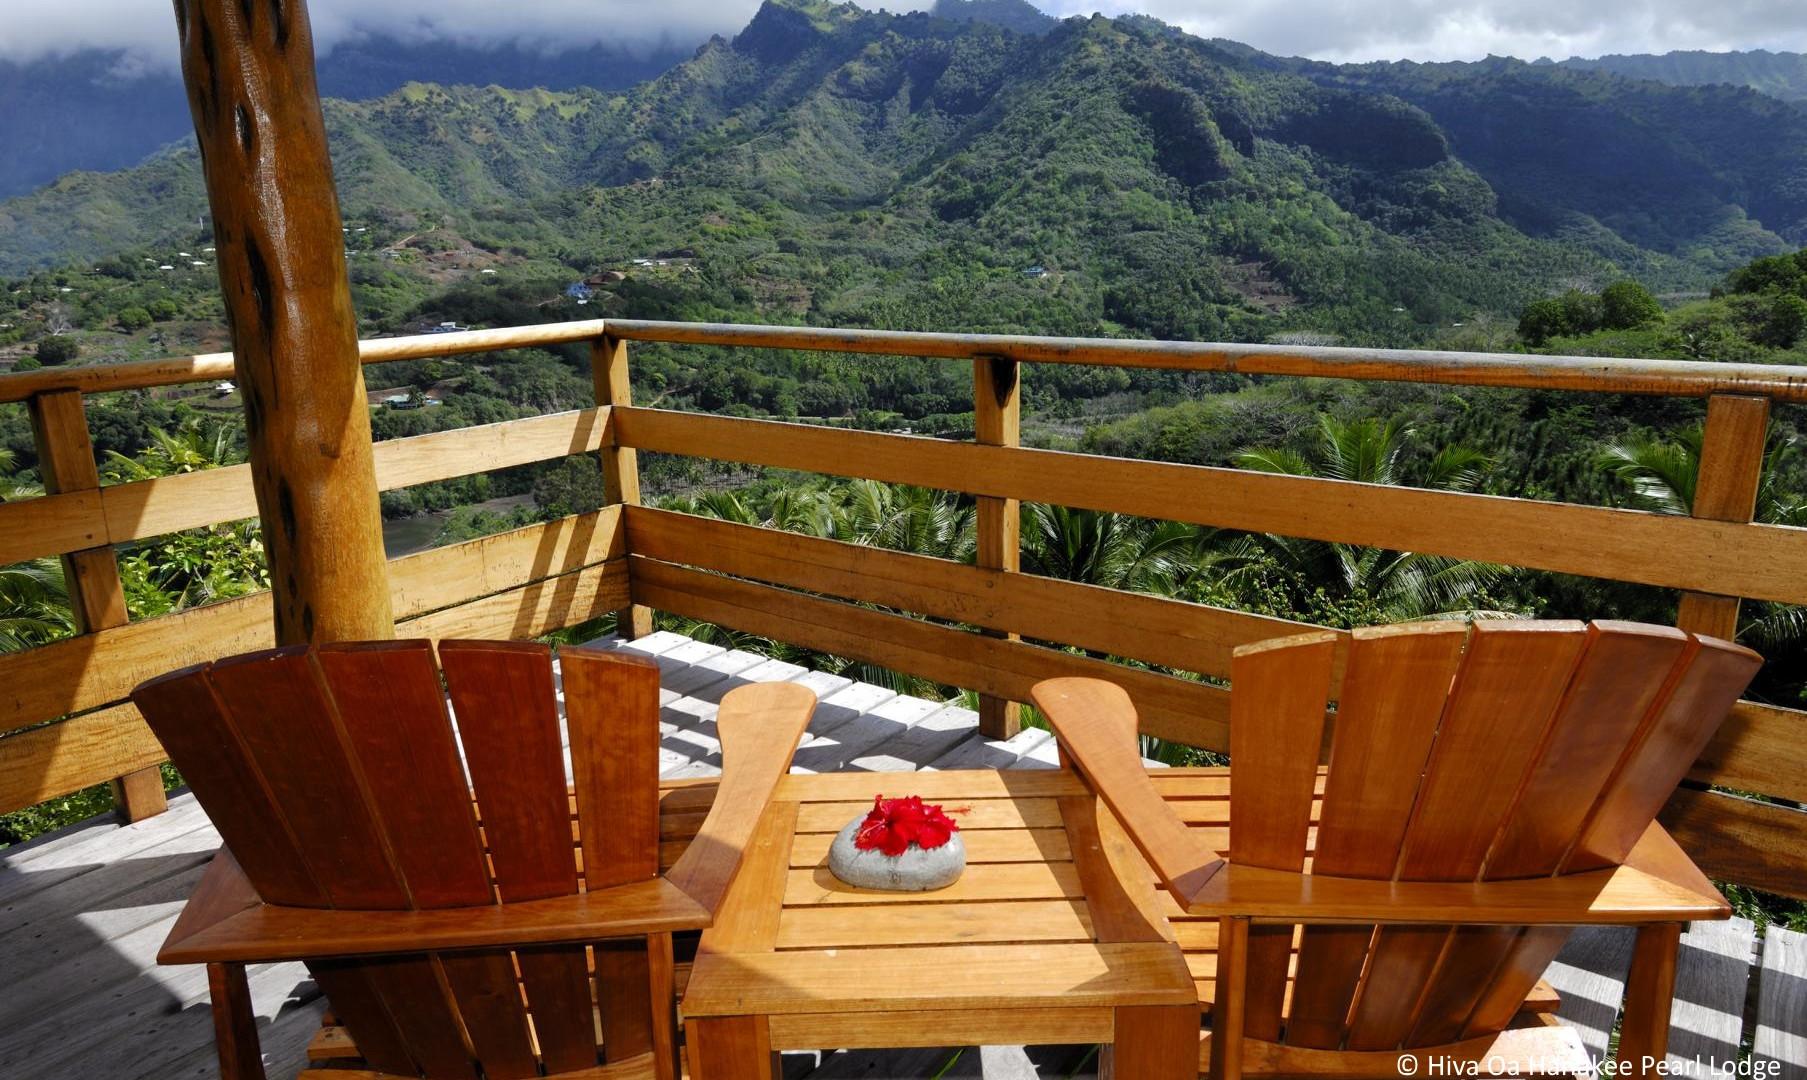 Hiva_Oa_Hanakee_Pearl_Lodge-Balkon